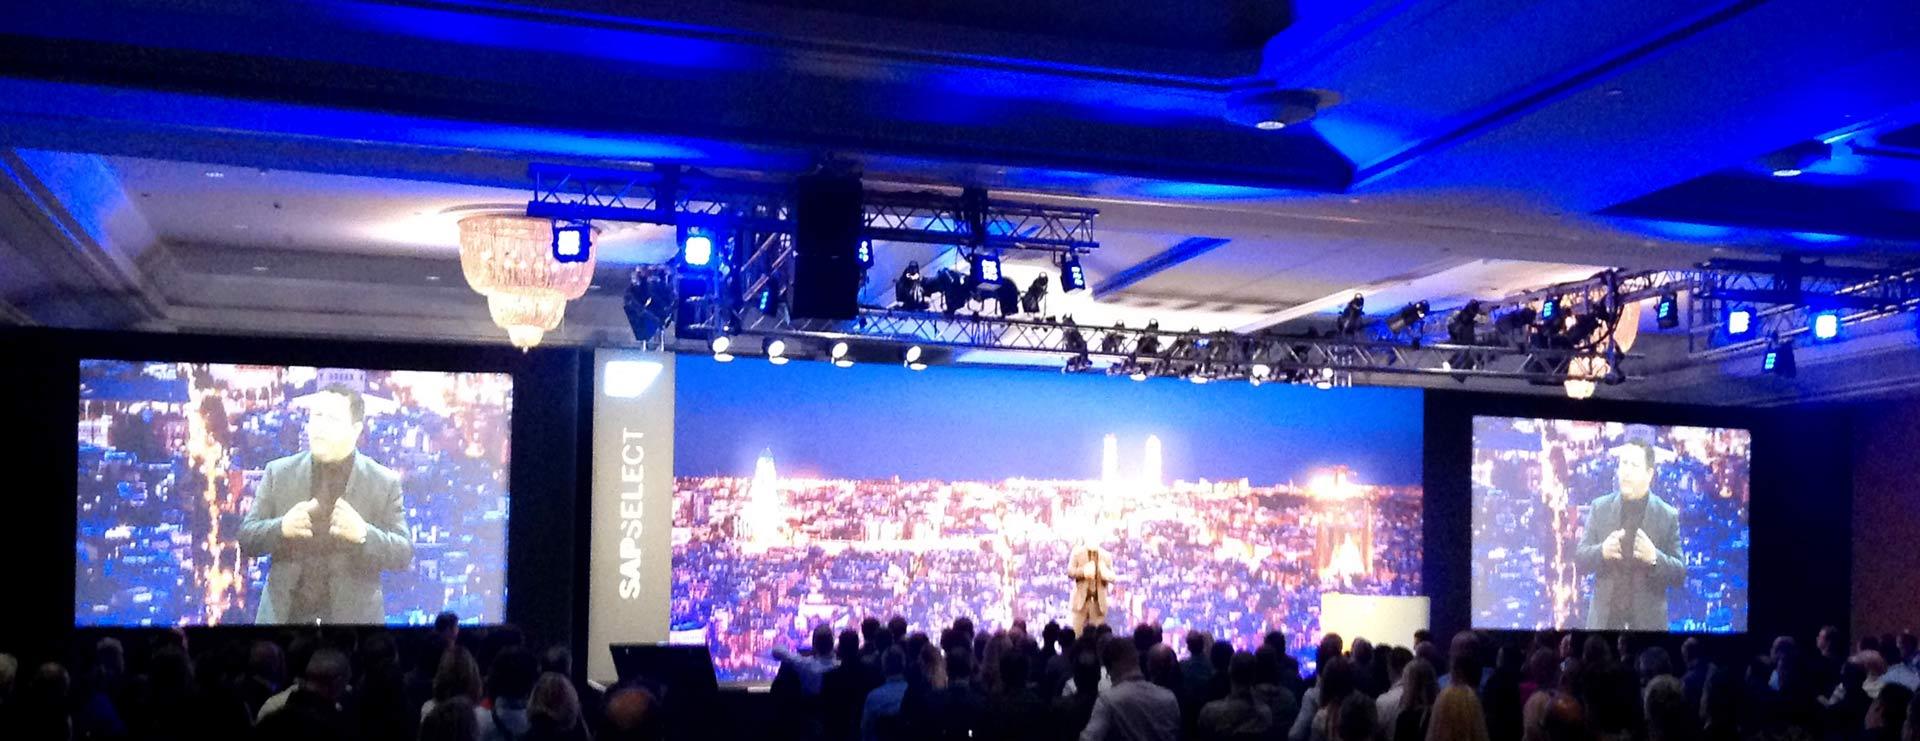 corporativo_cymatic_congreso_pantallas_hotel_eventos